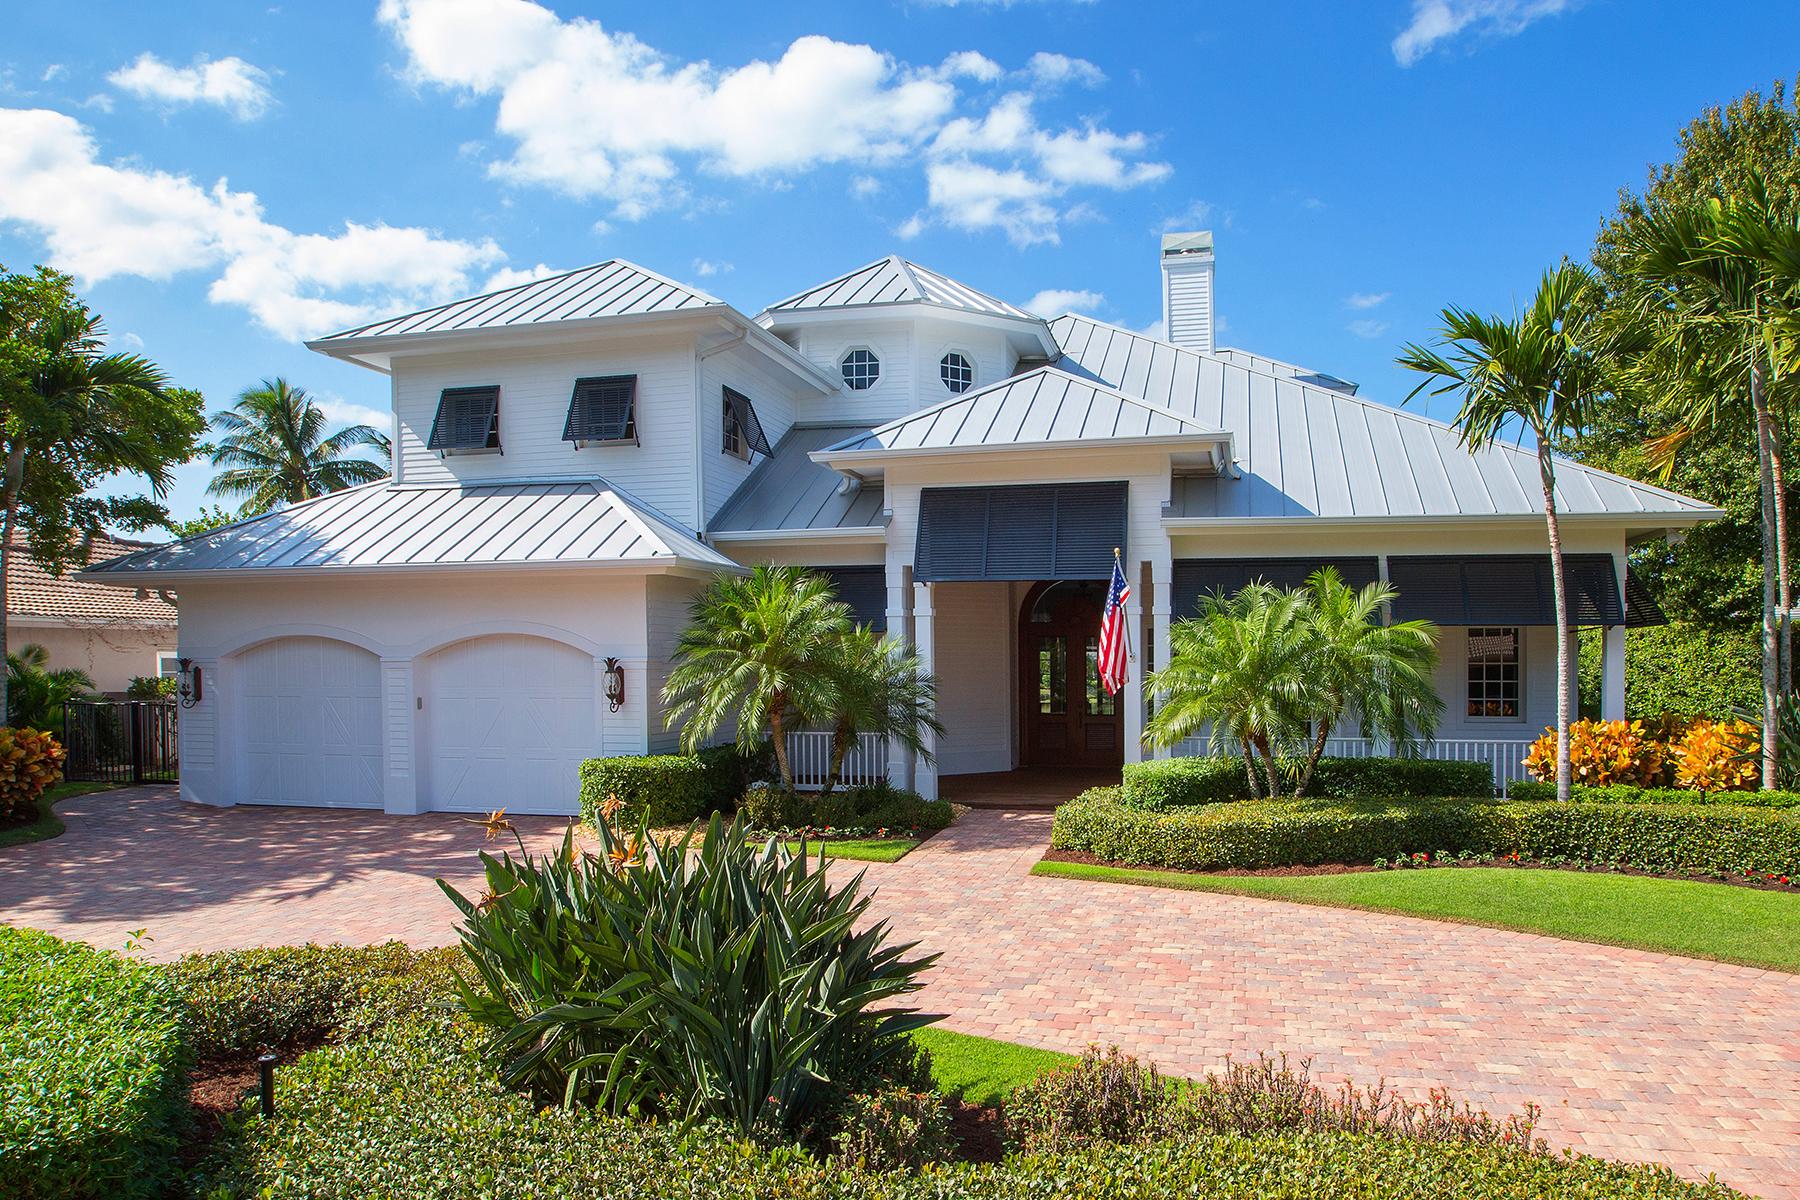 一戸建て のために 売買 アット PARK SHORE 4745 Whispering Pine Way Naples, フロリダ, 34103 アメリカ合衆国